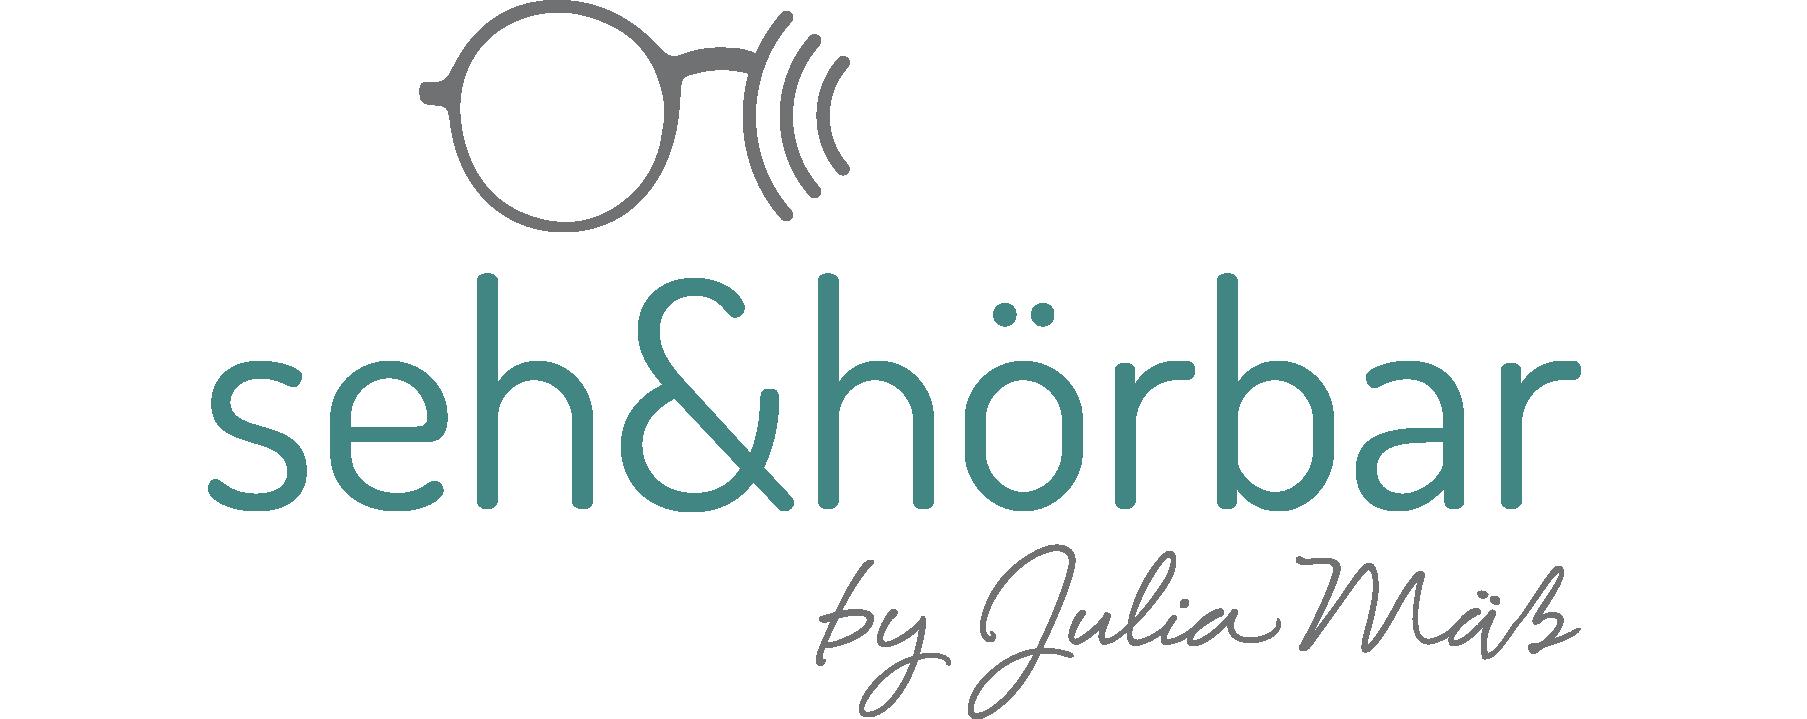 Brillen Kontaktlinsen Hörgeräte | seh&hörbar